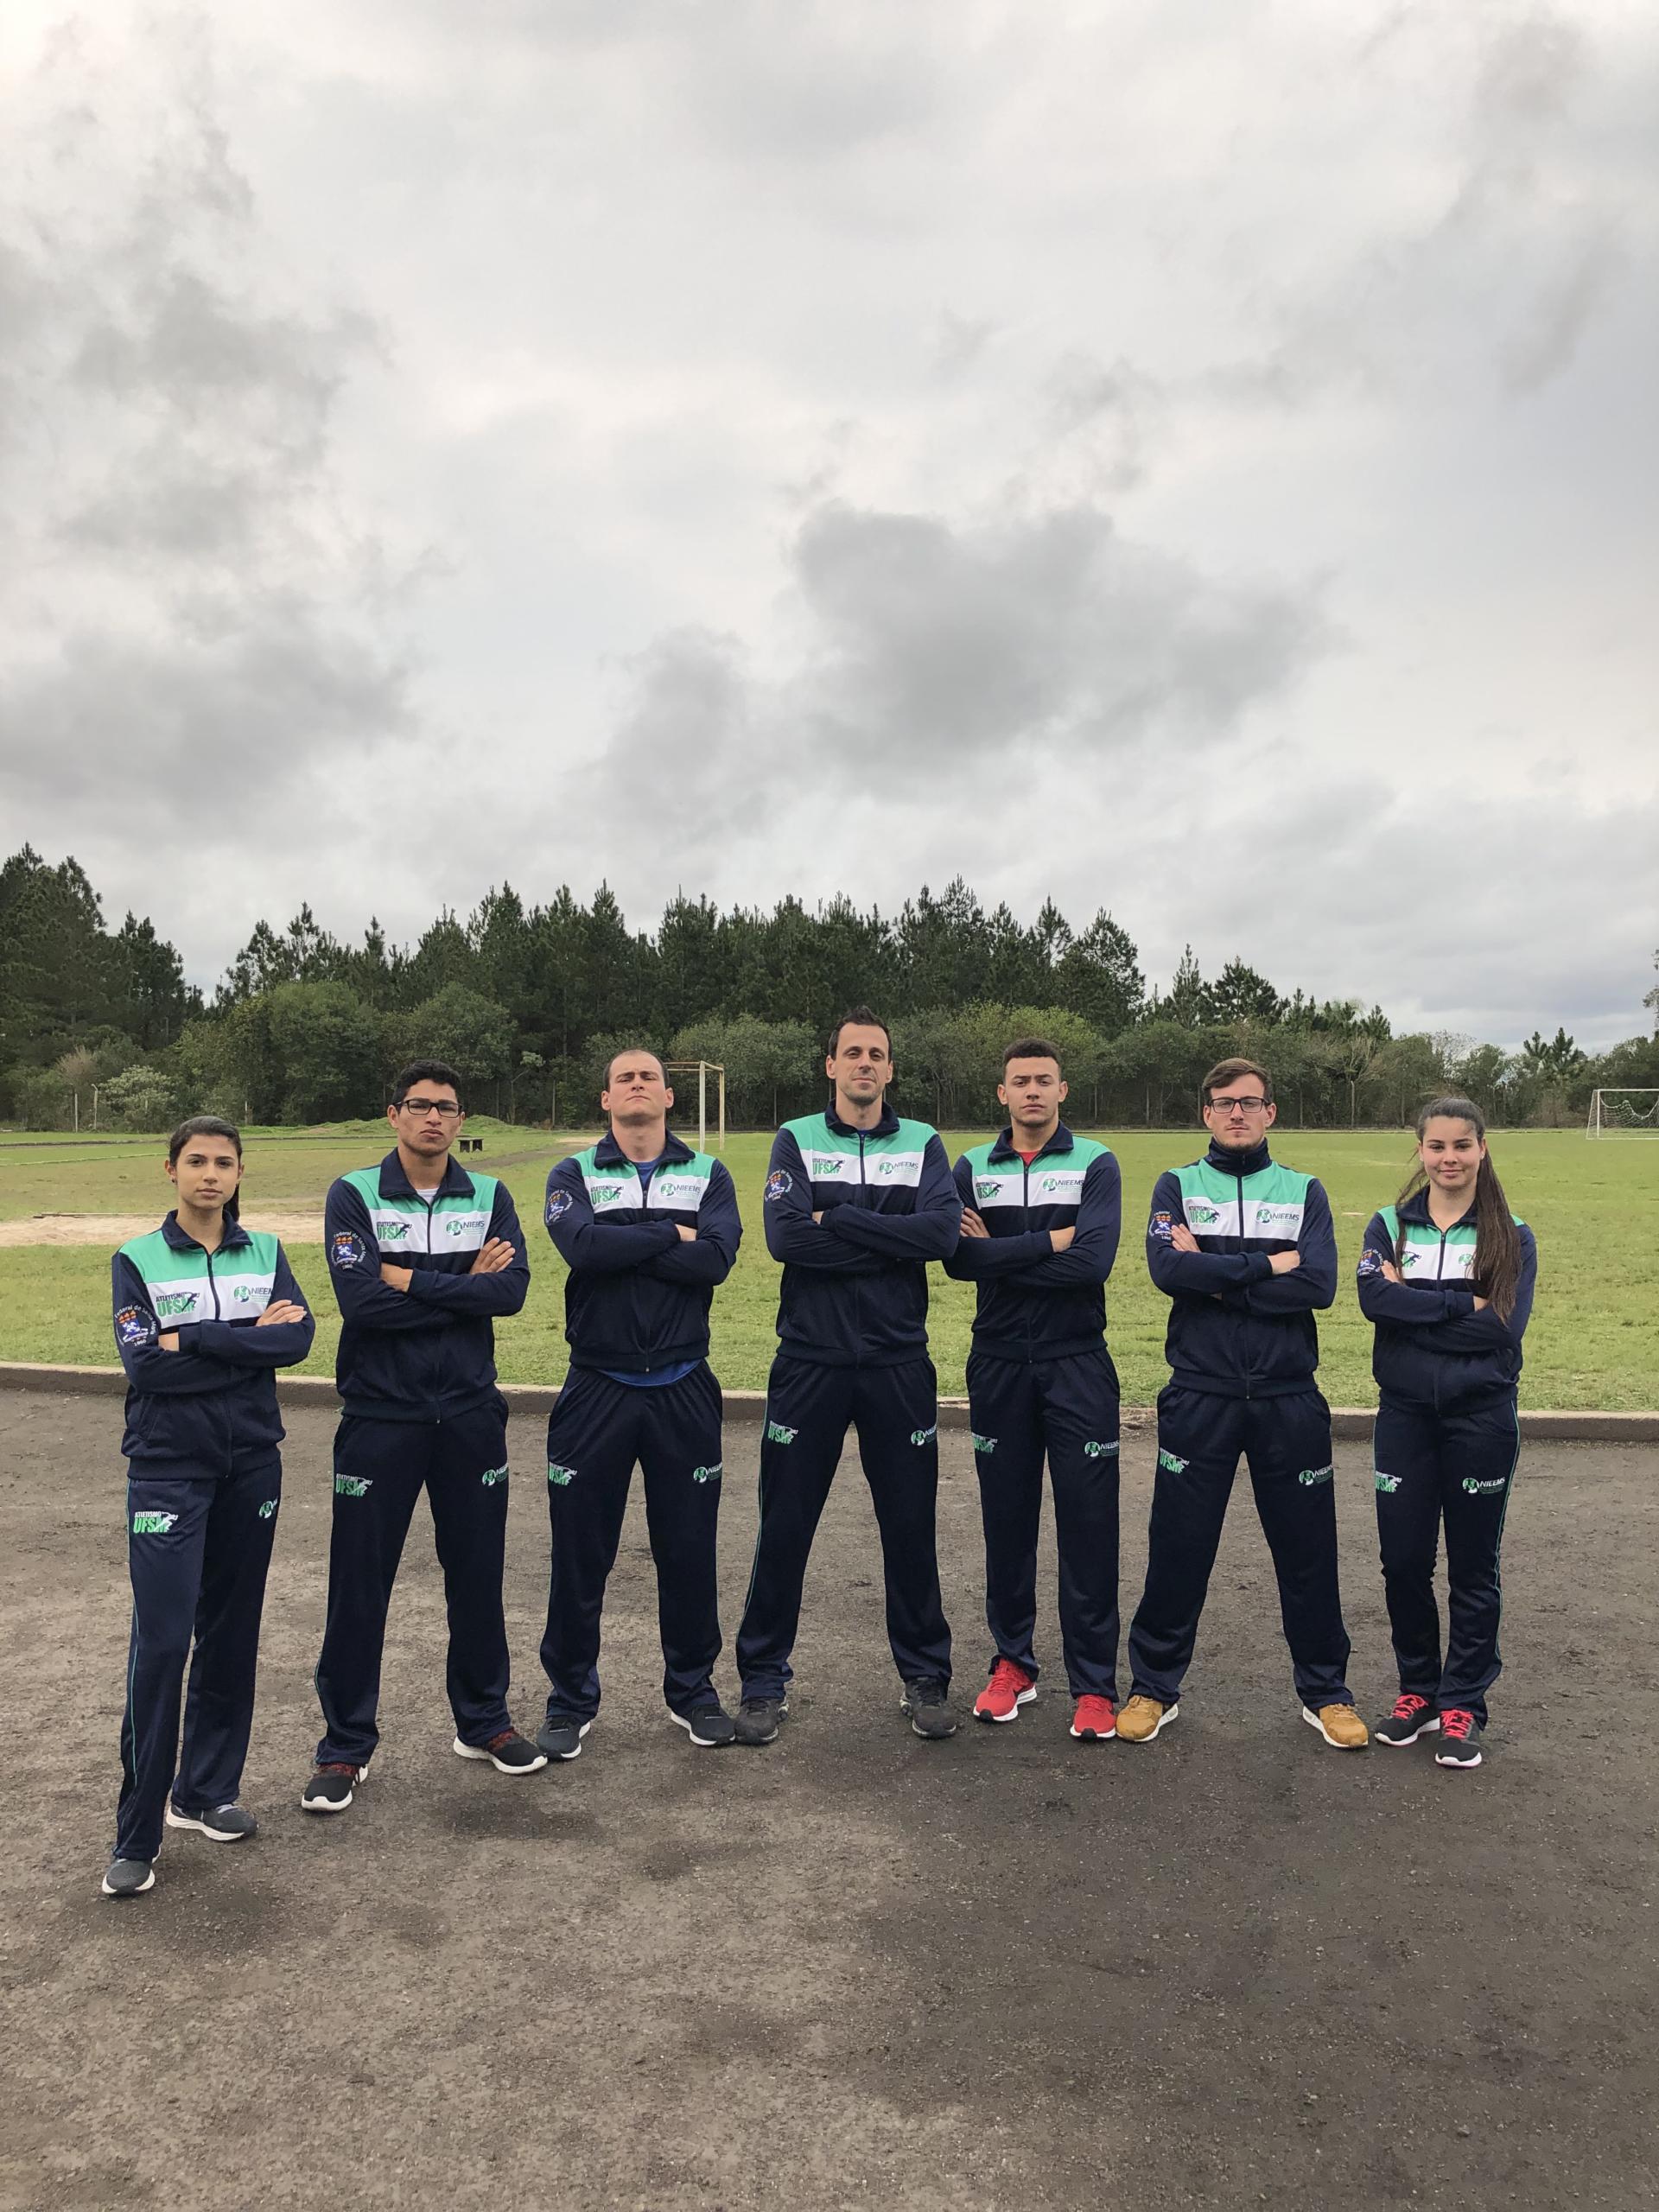 Foto vertical colorida mostra sete homens e mulheres posando para foto na pista de atletismo do Cefd em um dia nublado. Eles estão de braços cruzados e usando uniforme marinho com detalhes em branco e verde claro